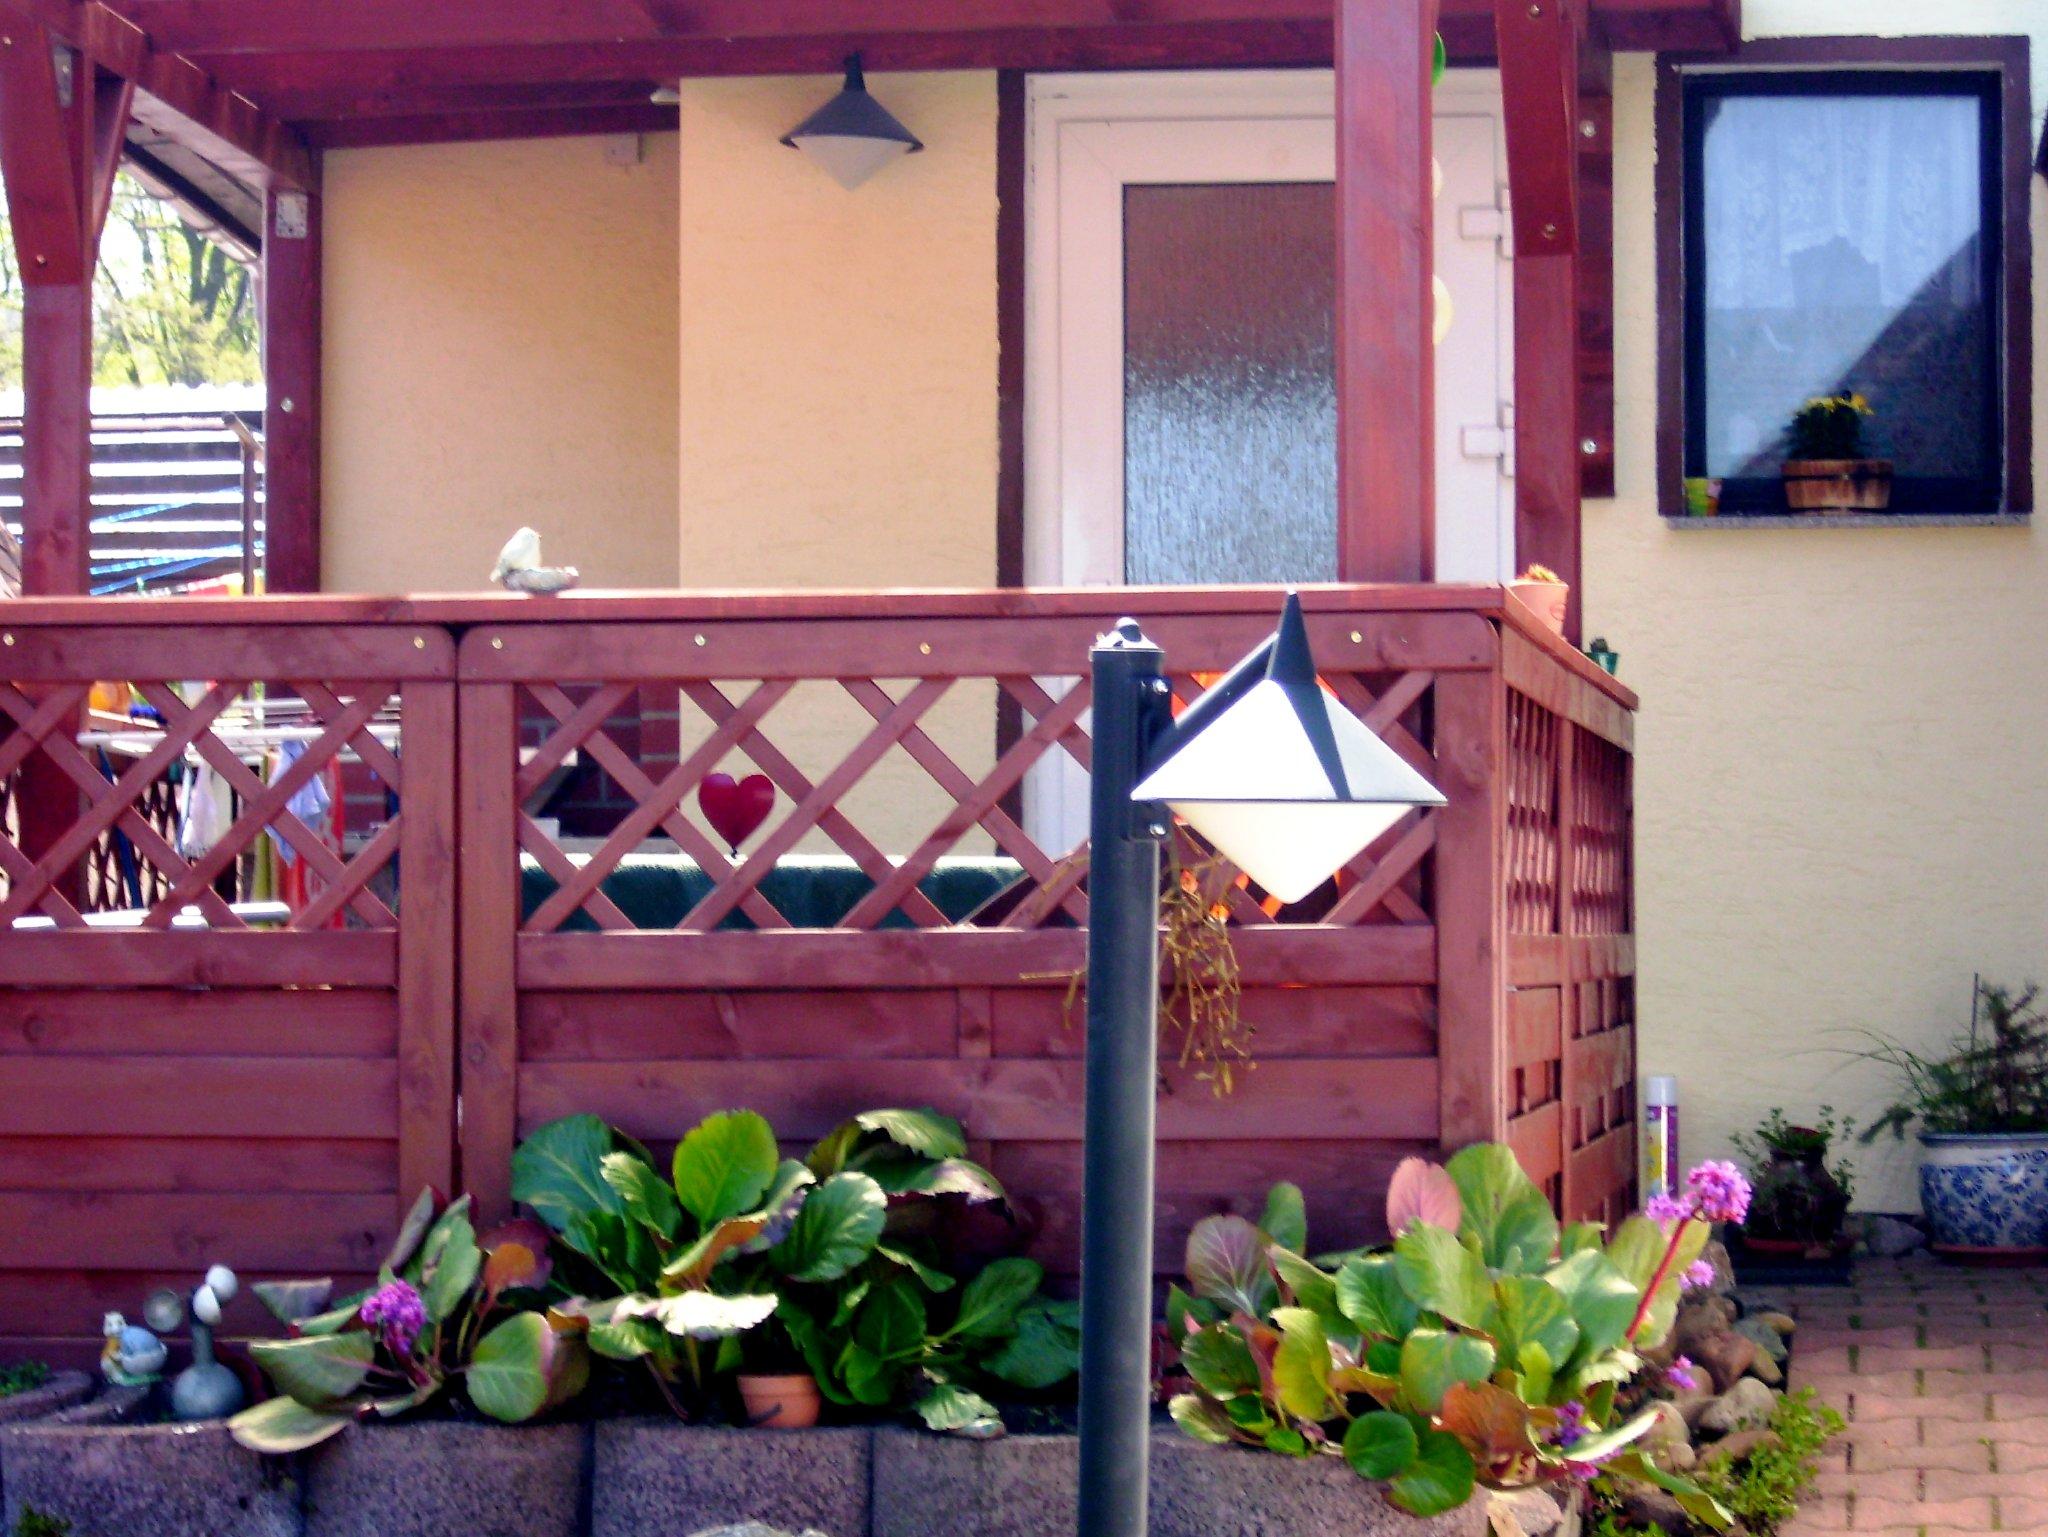 Ferienhaus 2 Wohnraum für 2 Personen